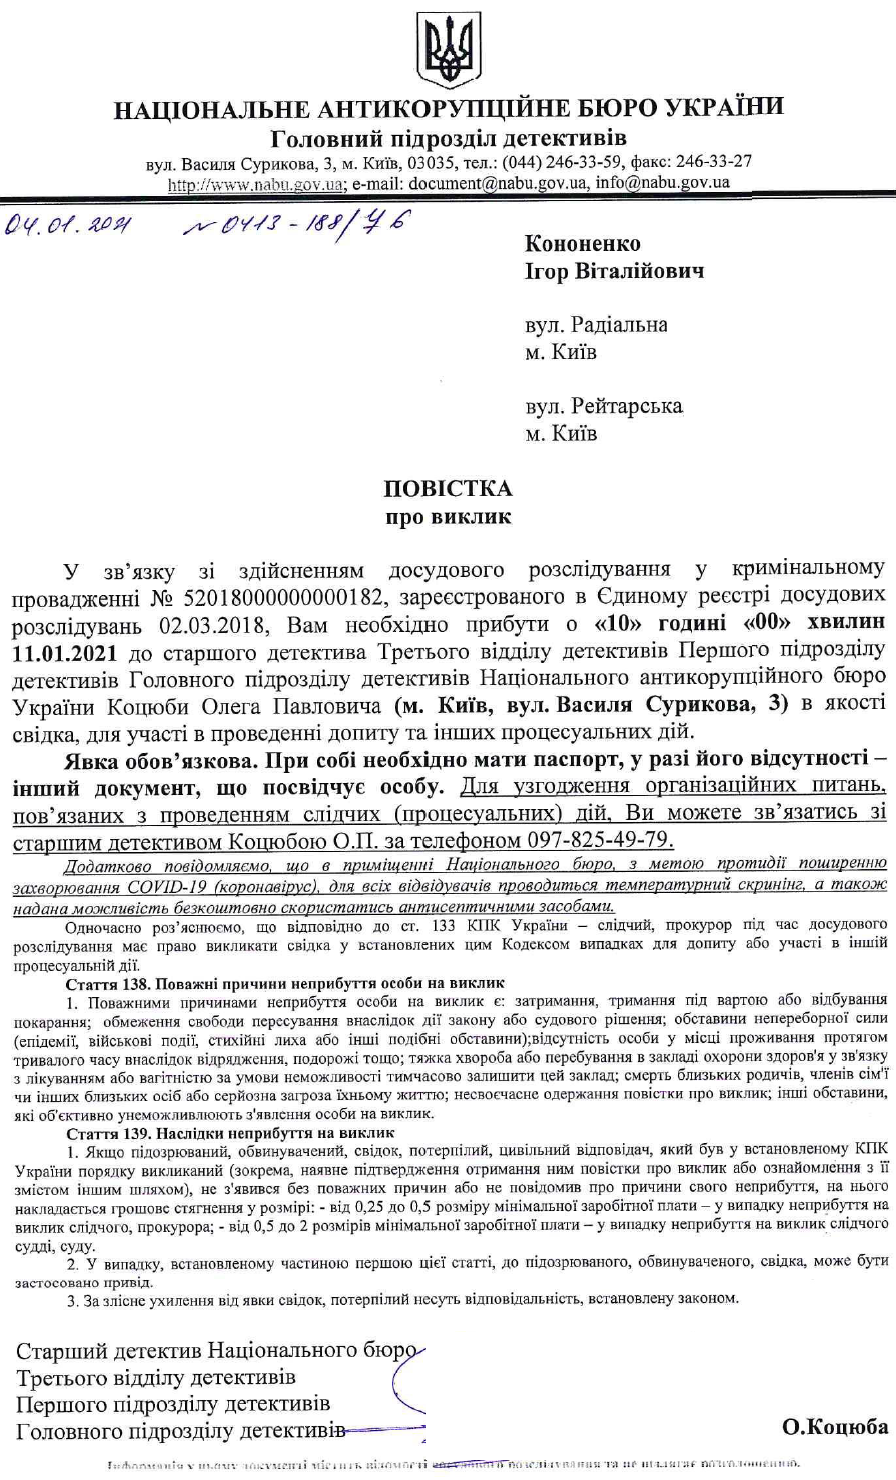 НАБУ вызывает бывшего депутата Игоря Кононенко на допрос